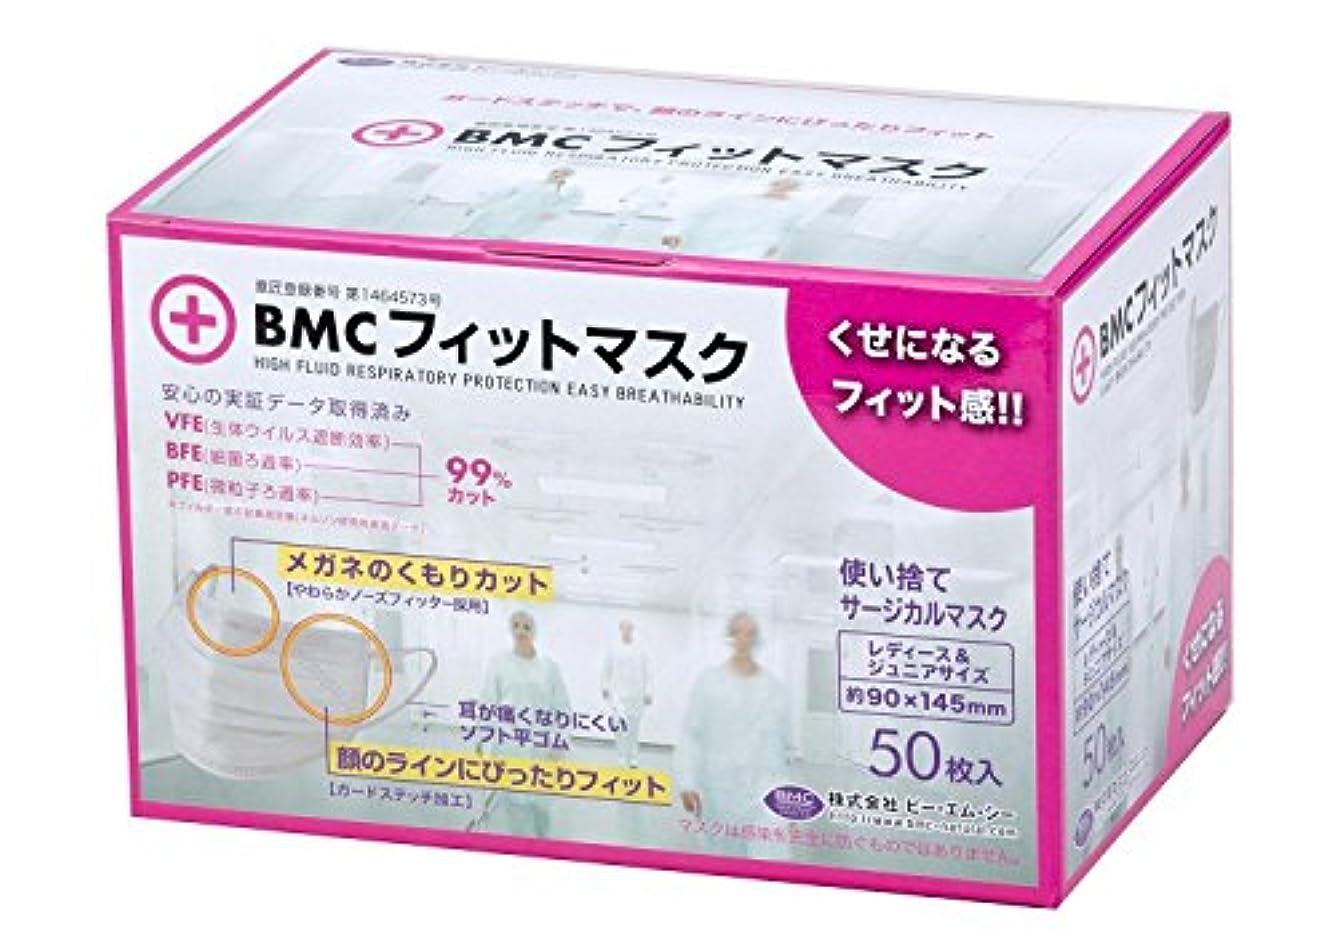 スマイル幻滅学士BMC フィットマスク 使い捨てサージカルマスク レディース&ジュニアサイズ 50枚入